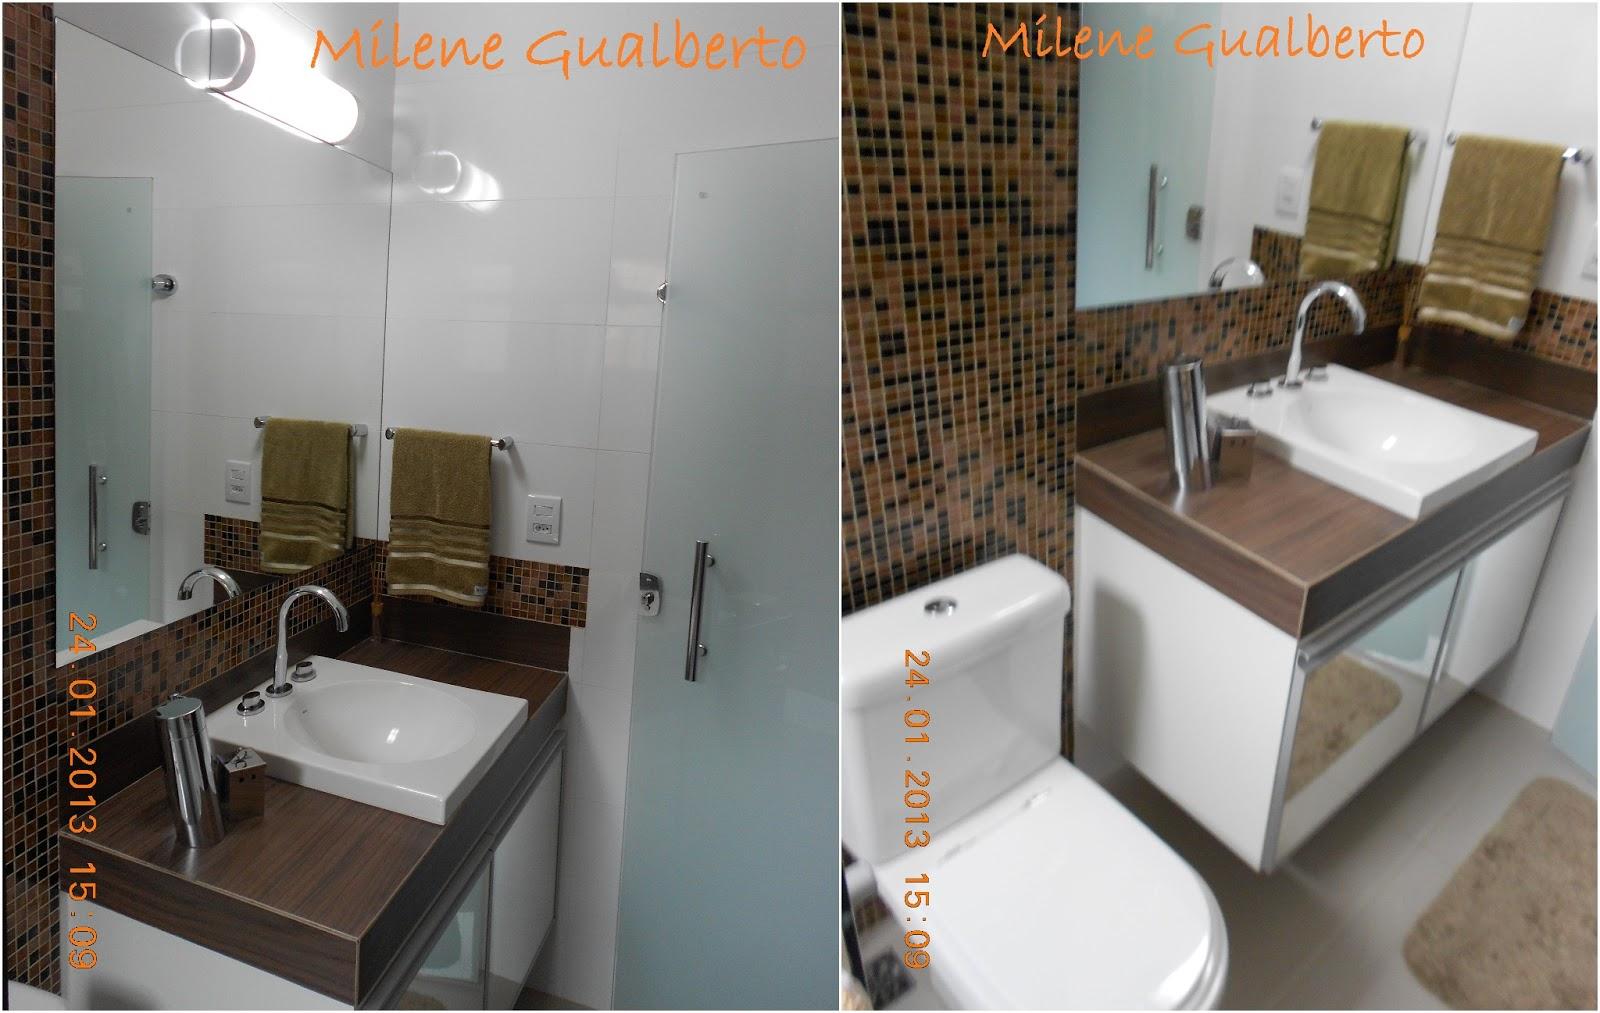 Milene Gualberto: Projetos Residênciais Banheiro #A45C27 1600 1013